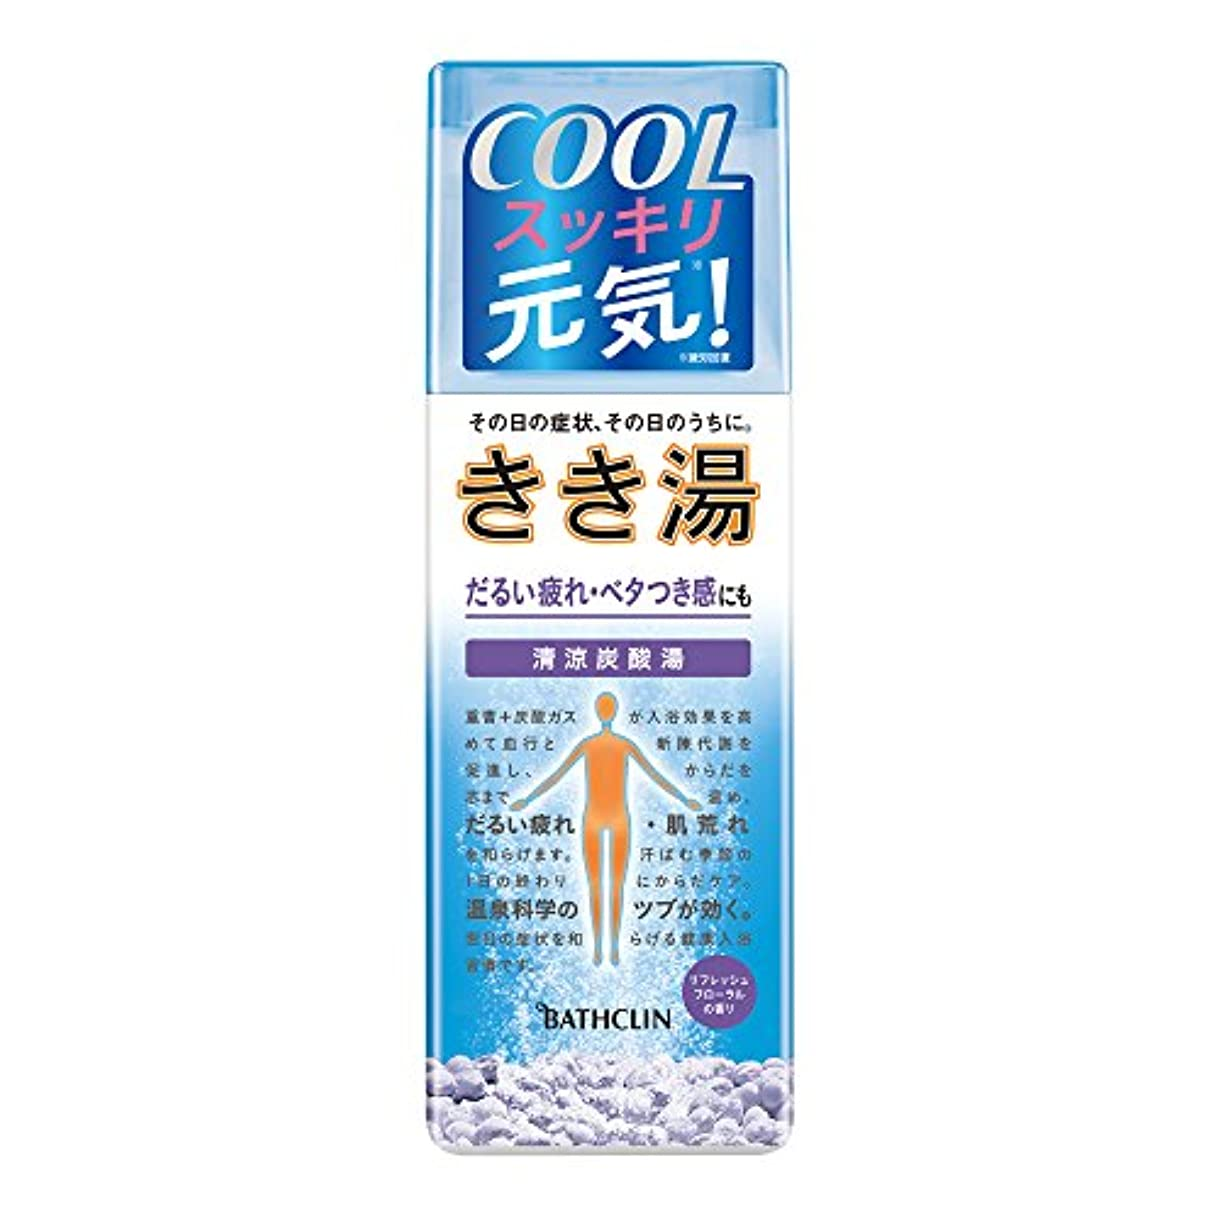 大混乱相互自信がある【医薬部外品】きき湯清涼炭酸湯リフレッシュフローラルの香り 360gマリンブルーの湯透明タイプ 入浴剤